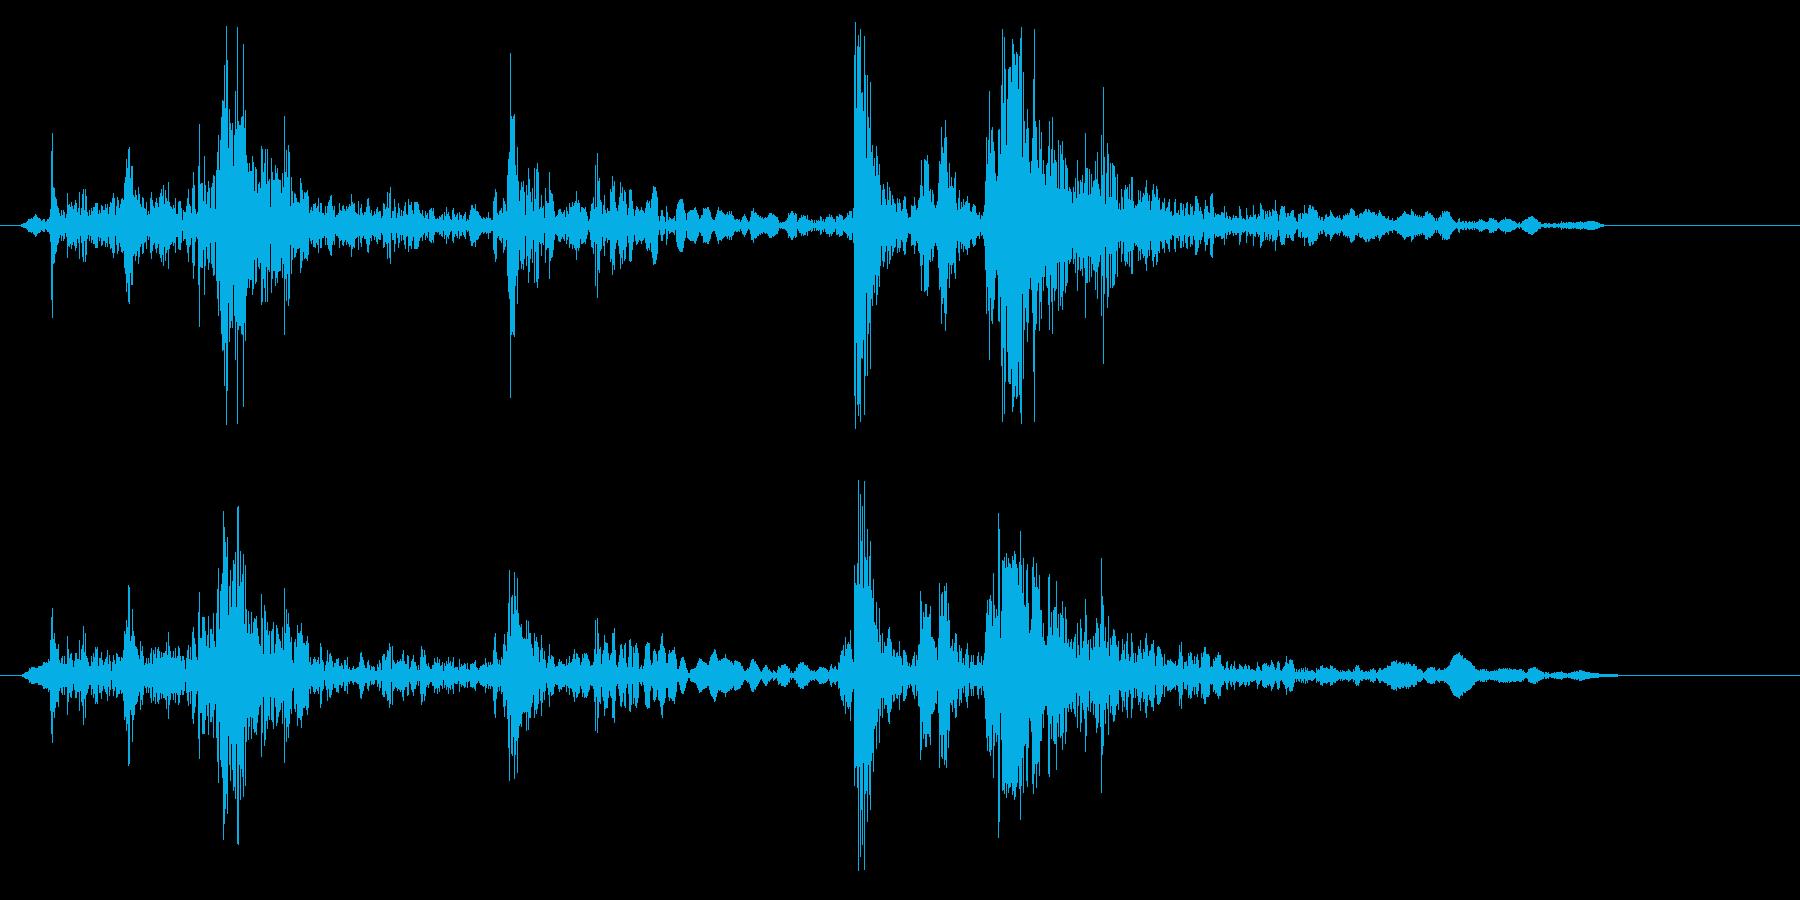 ガラッバタンという効果音の再生済みの波形